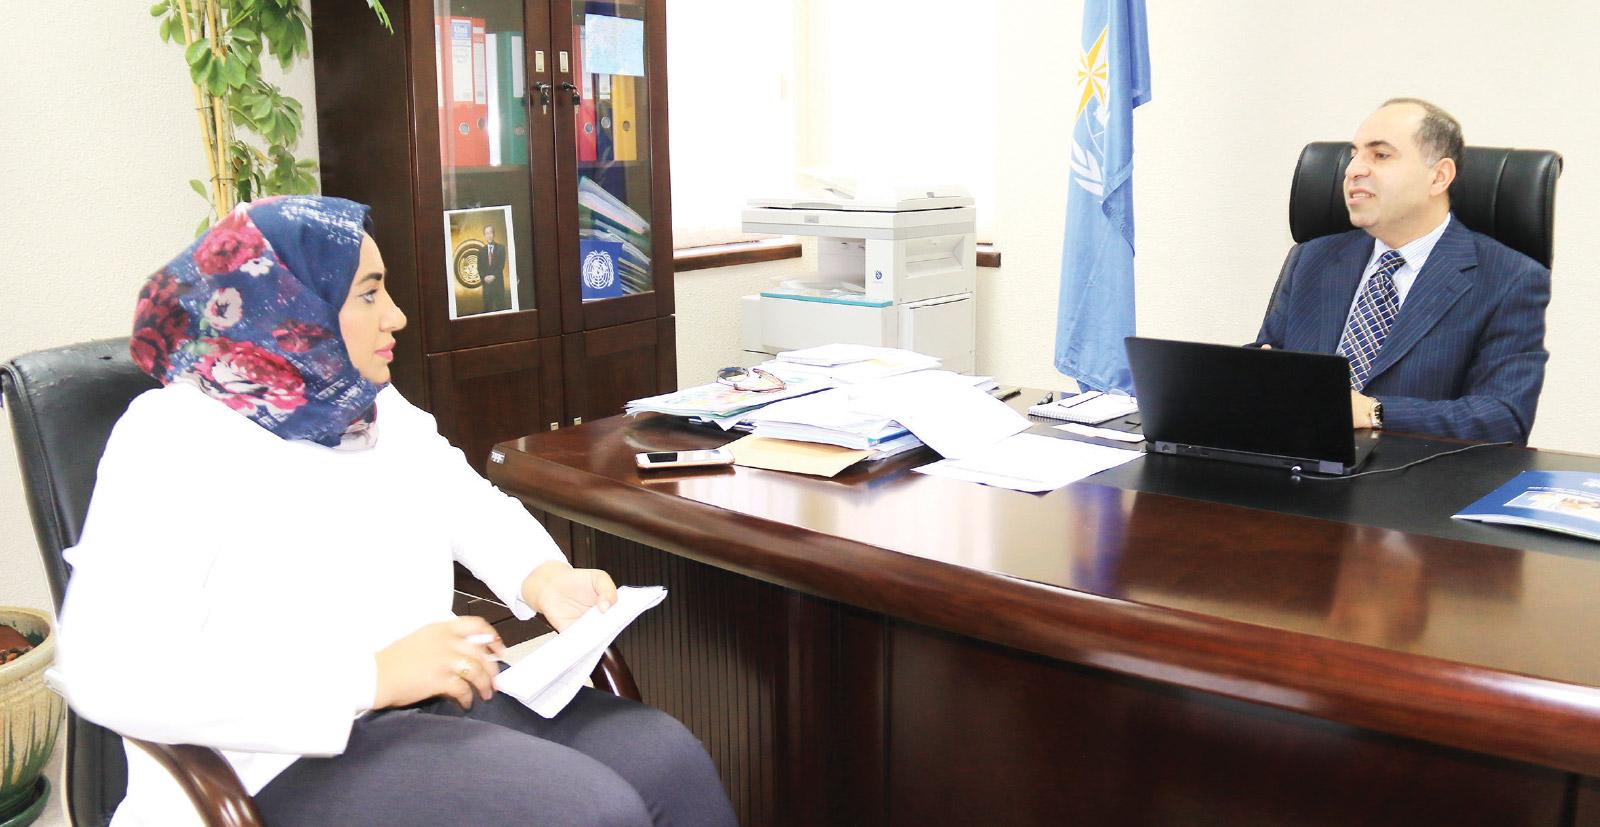 الممثل الإقليمي للمنظمة العالمية للأرصاد الجوية لمنطقة غرب آسيا متحدثاً إلى «الوسط»   (تصوير: محمد المخرق)